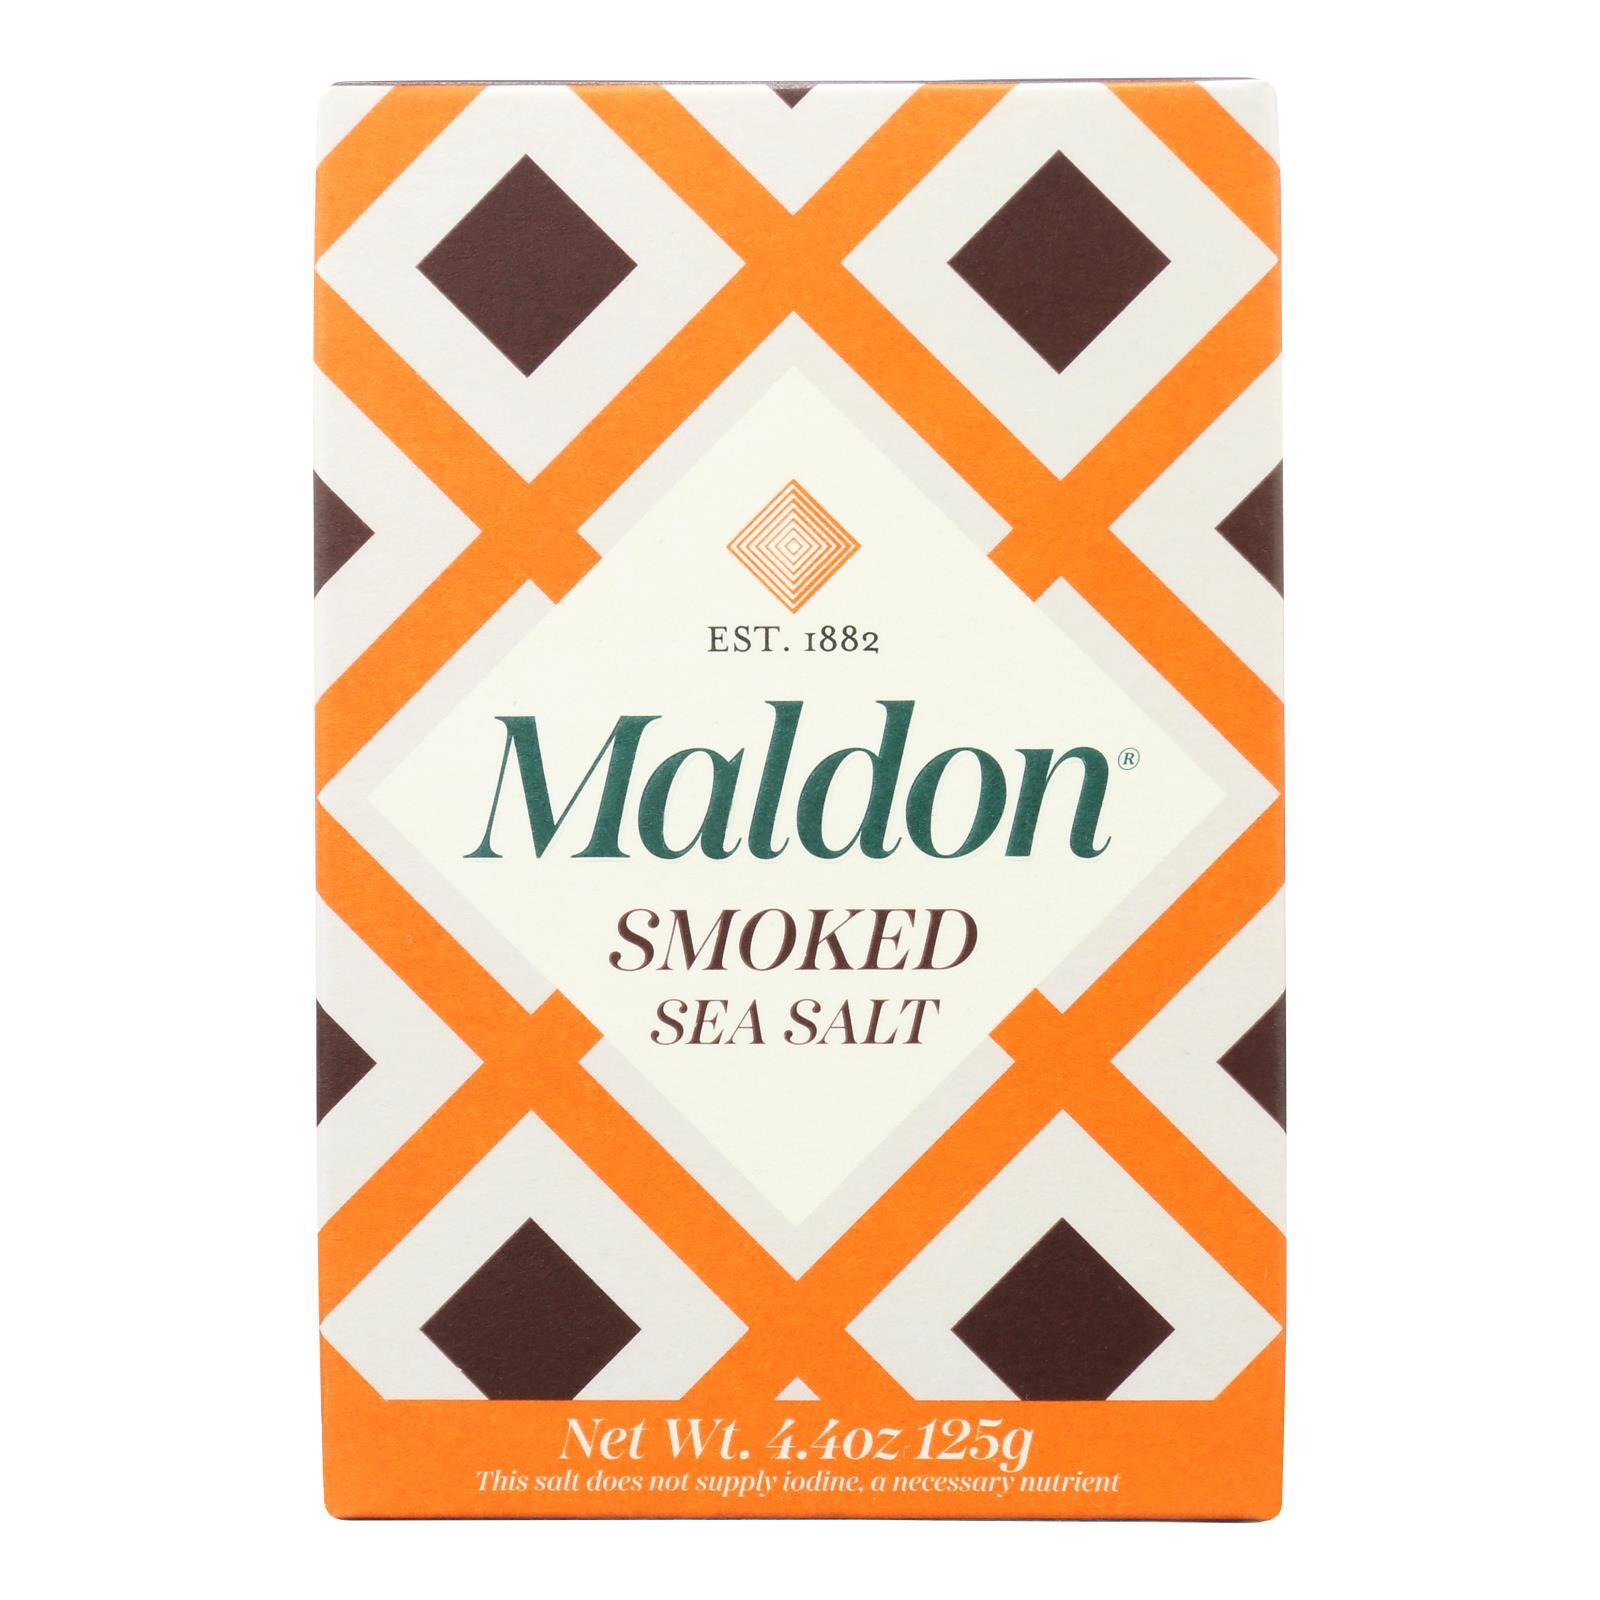 Maldon Flakes - Smoked Sea Salt - Case of 6 - 4.4 oz.